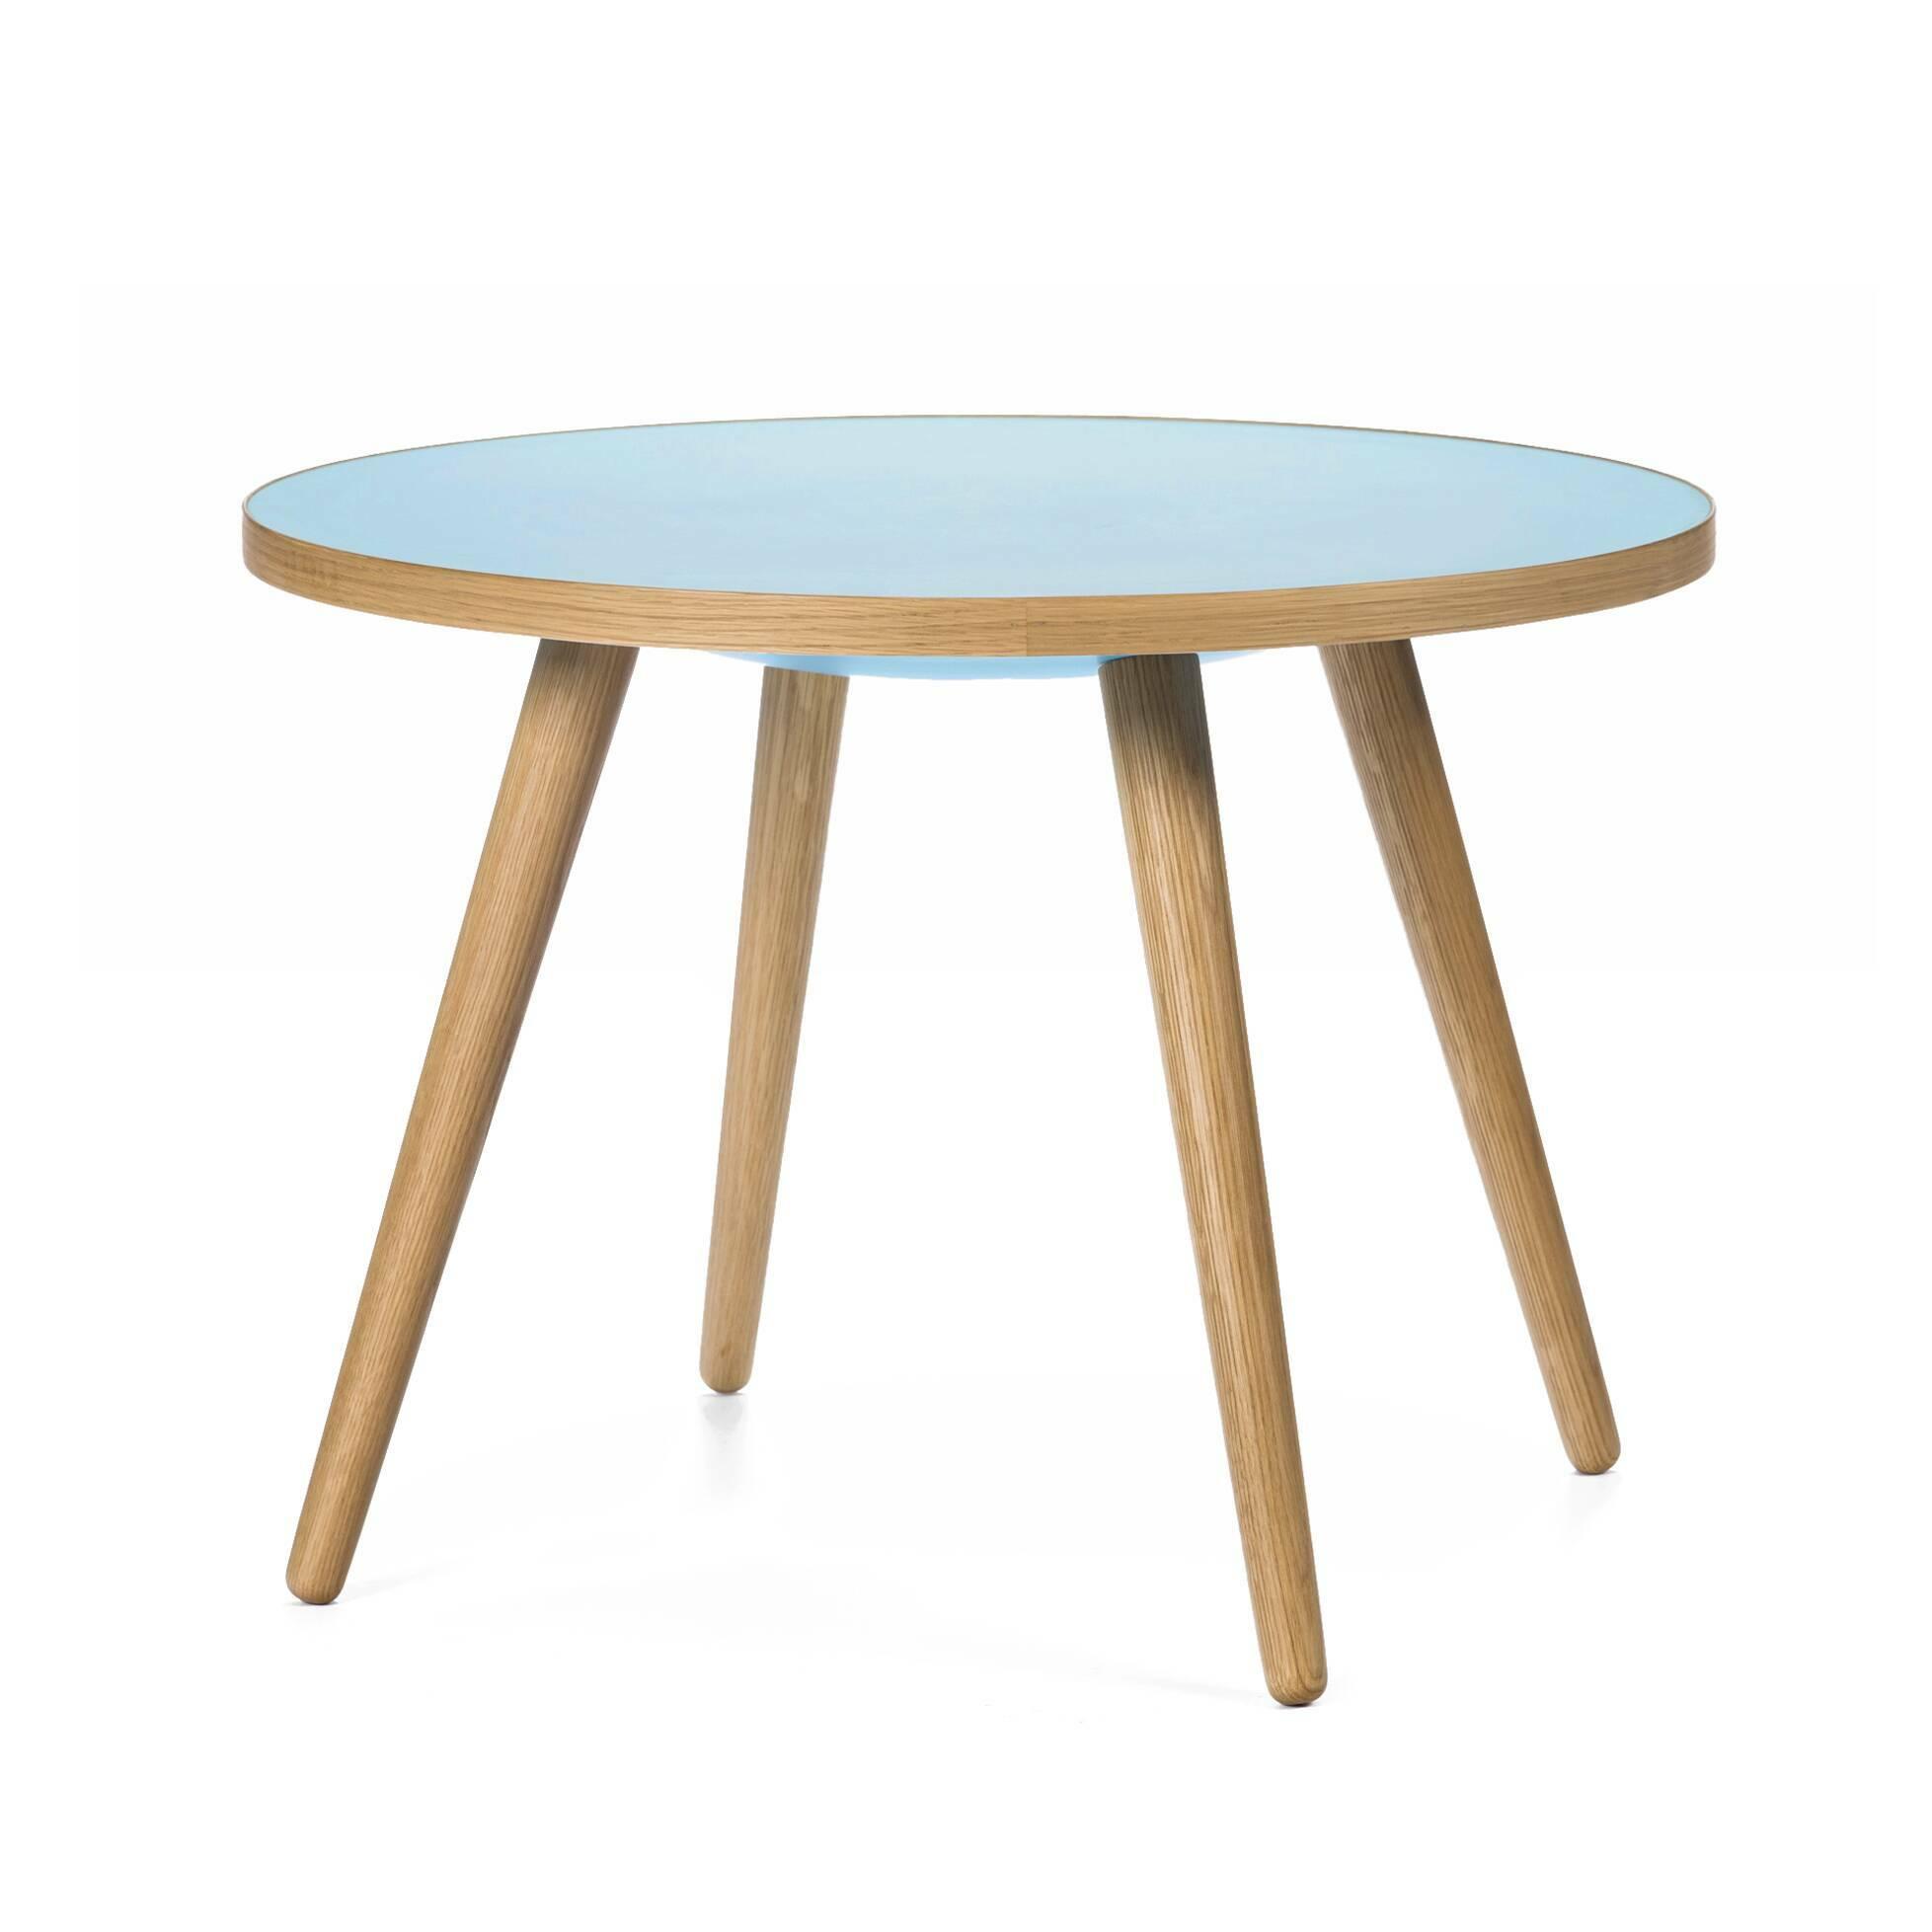 Кофейный стол Sputnik высота 55 диаметр 75Кофейные столики<br>Дизайнерский кофейный стол Sputnik (Спутник) высота 55 диаметр 75 из дерева на черырех ножках от Cosmo (Космо).<br><br><br> Простые и чистые линии, интегрированные в ваш интерьер. Классическая столешница в форме круга добавляет красоты и изящества этому столу, который сочетается с разнообразными вариантами интерьерных стилей и может быть использован как в домах, так и офисах. Четыре ножки от стола вкручиваются в столешницу без специальных инструментов.<br><br><br> Оригинальный кофейный стол Sputnik вы...<br><br>stock: 0<br>Высота: 55<br>Диаметр: 75<br>Цвет ножек: Светло-коричневый<br>Цвет столешницы: Голубой<br>Материал ножек: Массив дуба<br>Тип материала столешницы: Пластик<br>Тип материала ножек: Дерево